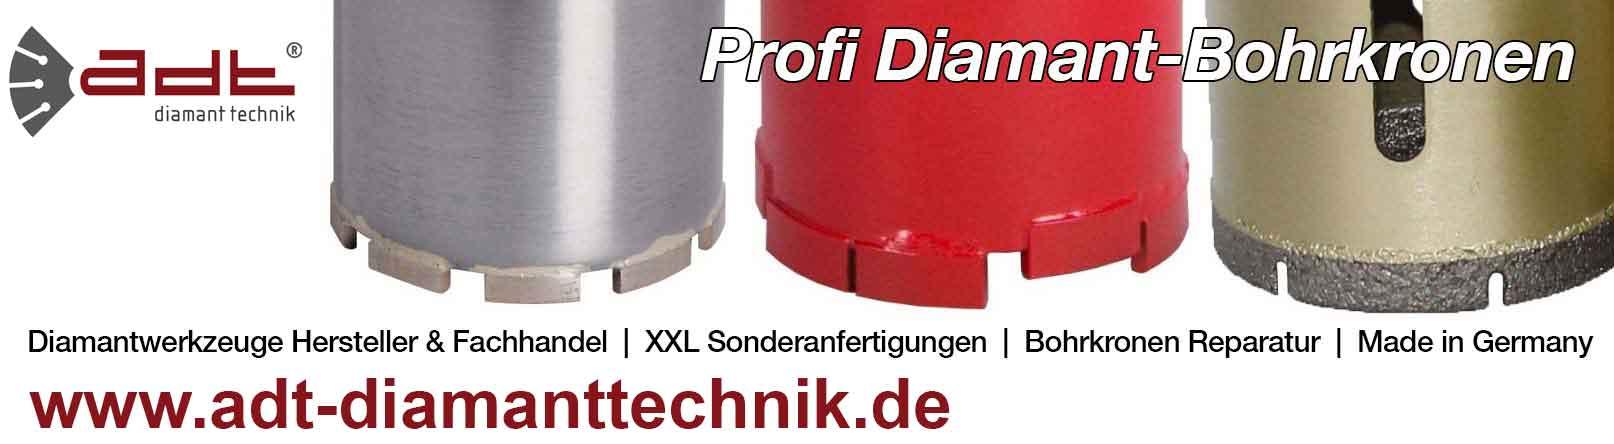 Diamond drill bit professional specialist trade